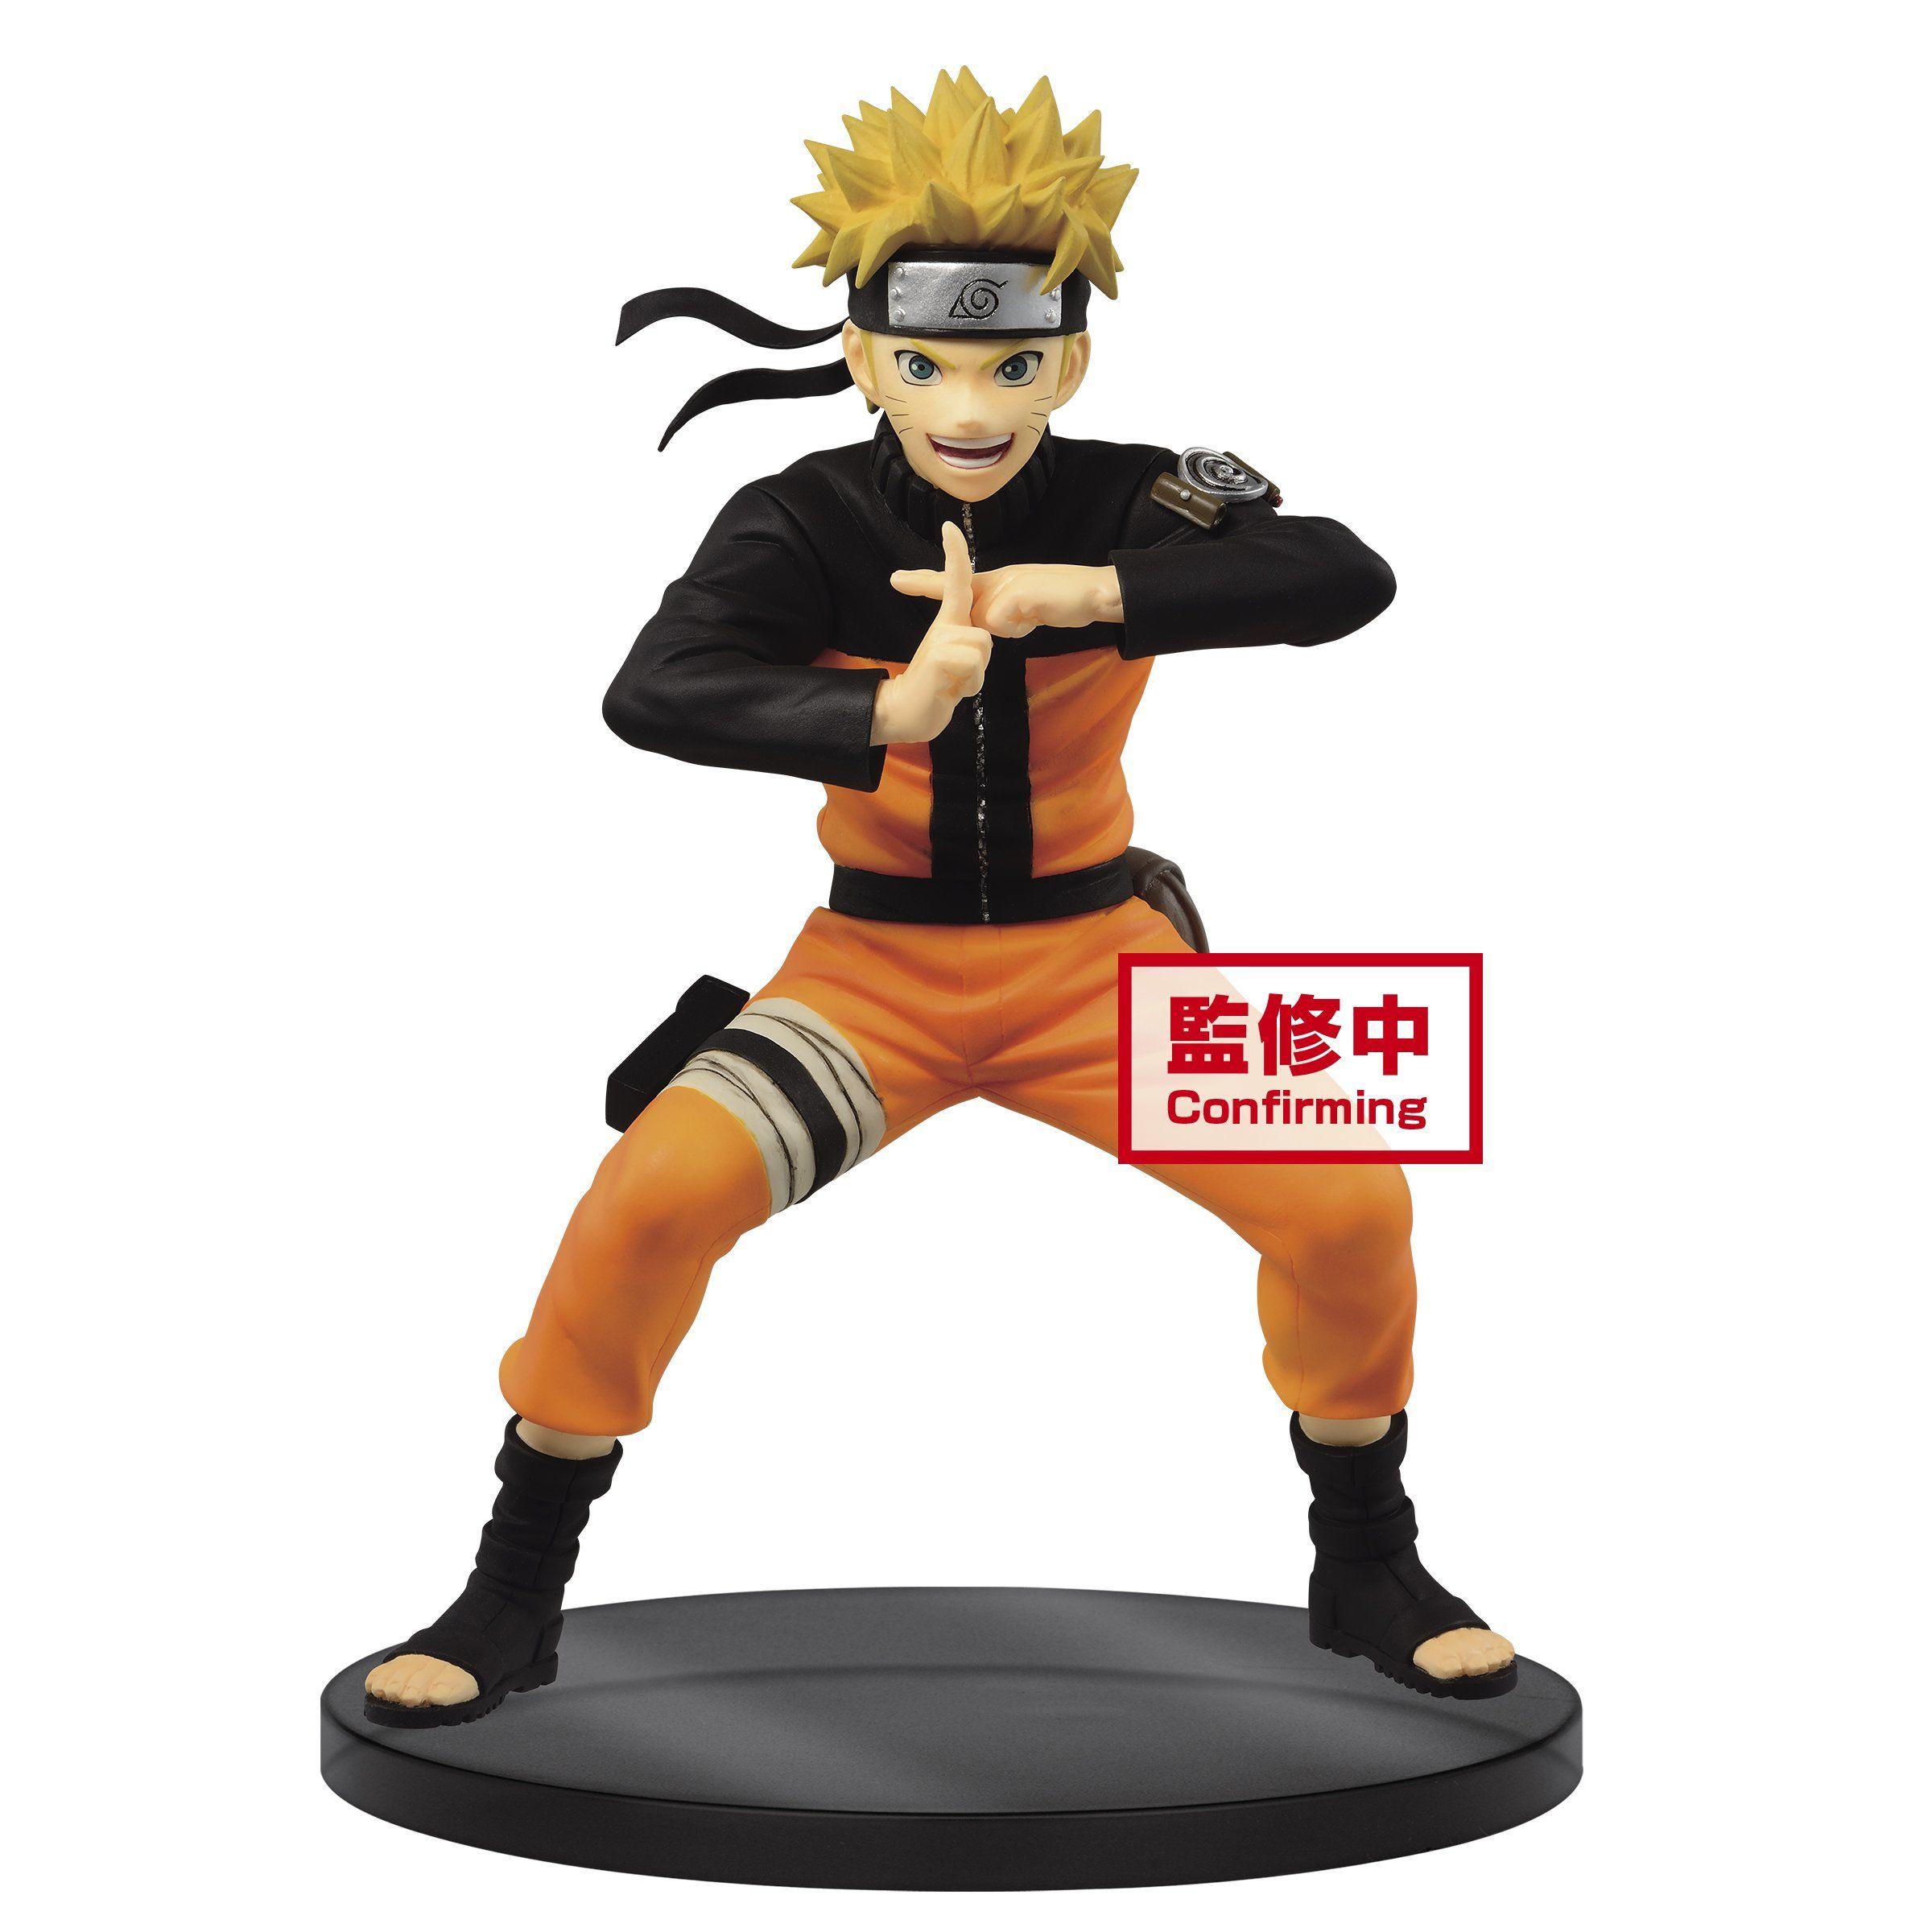 [PRE-ORDER] Banpresto: Naruto Shippuden – Vibration Stars Uzumaki Naruto (Version II) 4K